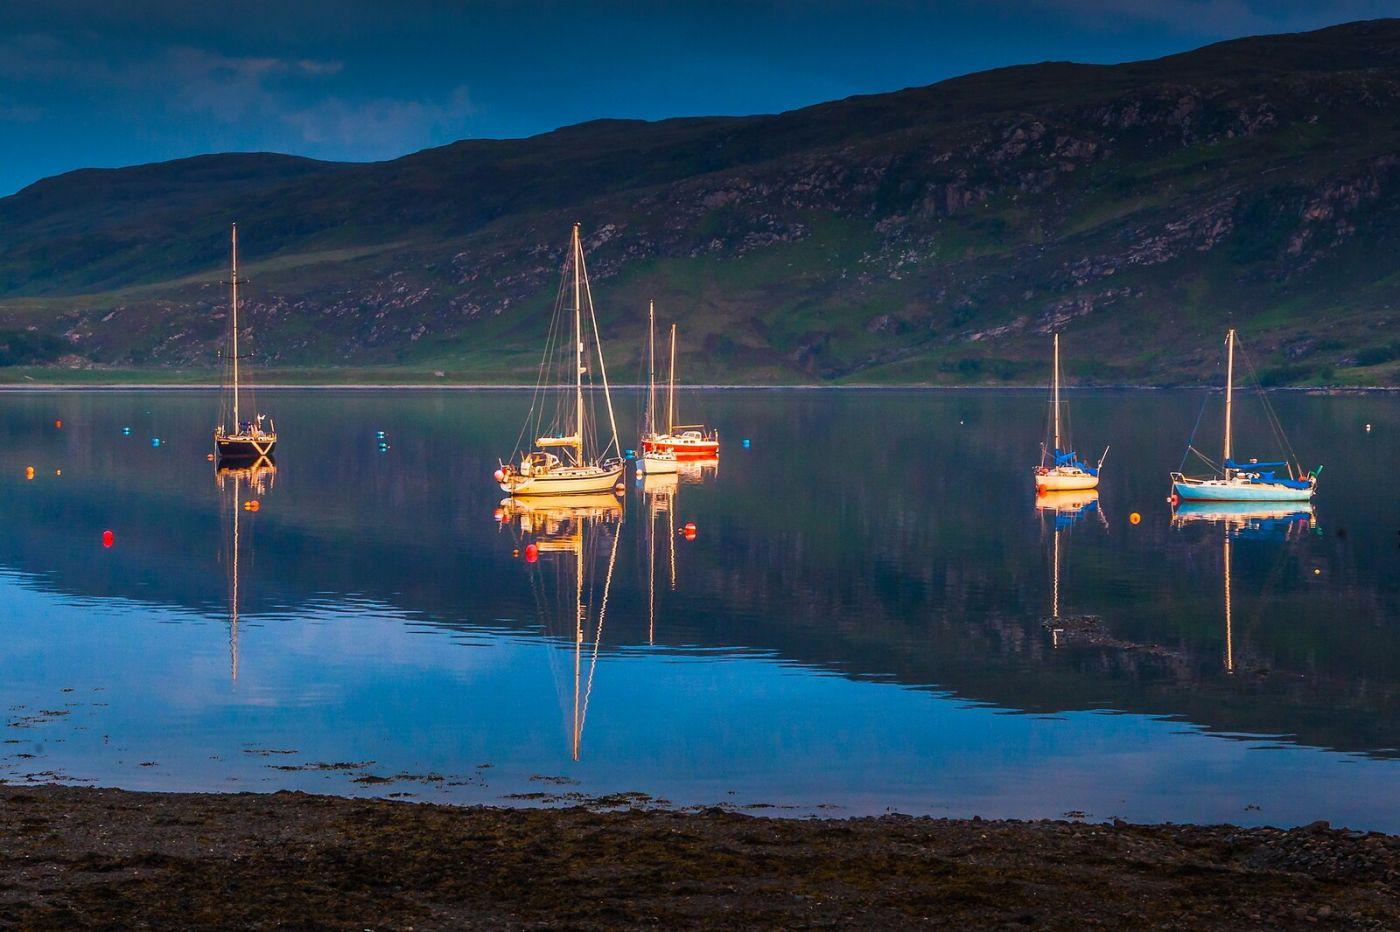 苏格兰阿勒浦(Ullapool),如镜的湖面_图1-17